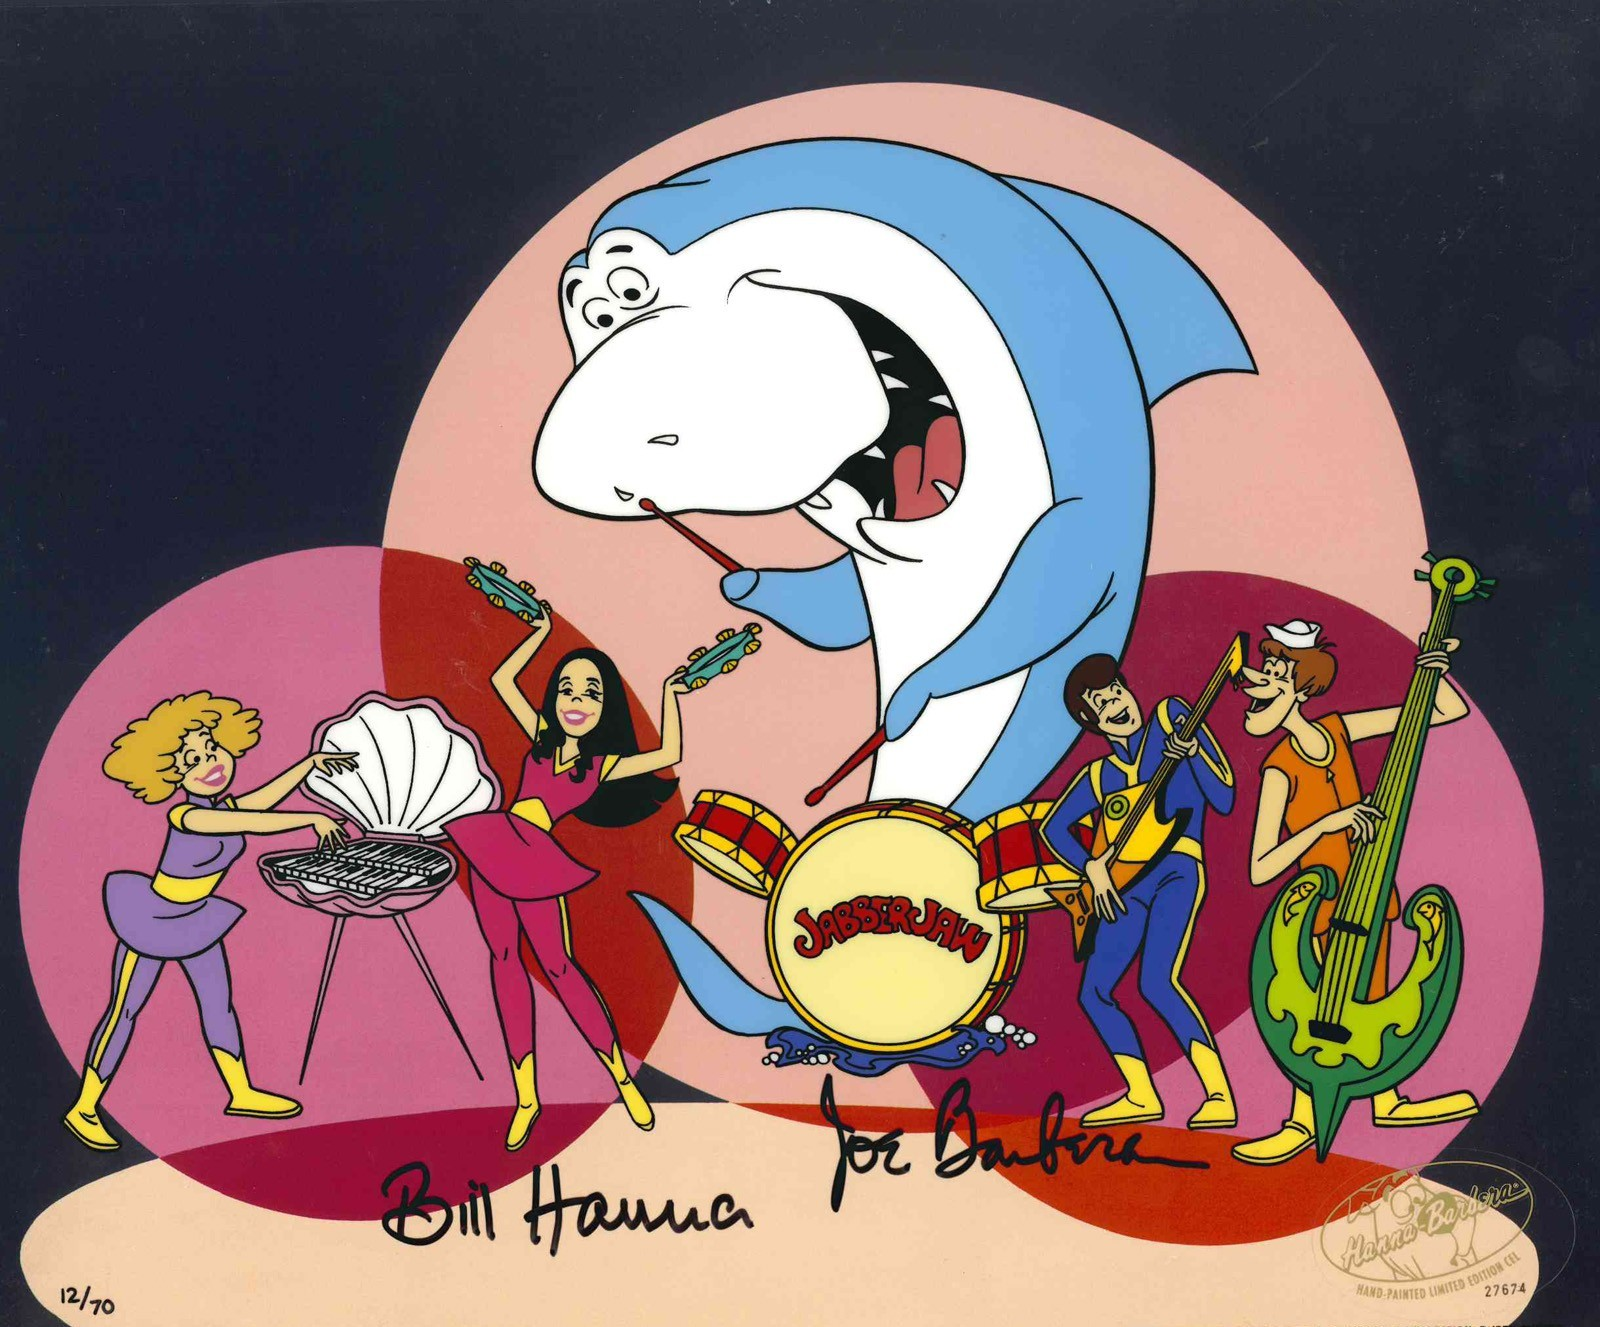 Tutubarão e a banda Os Netunos. (Foto: Divulgação / Hanna-Barbera)